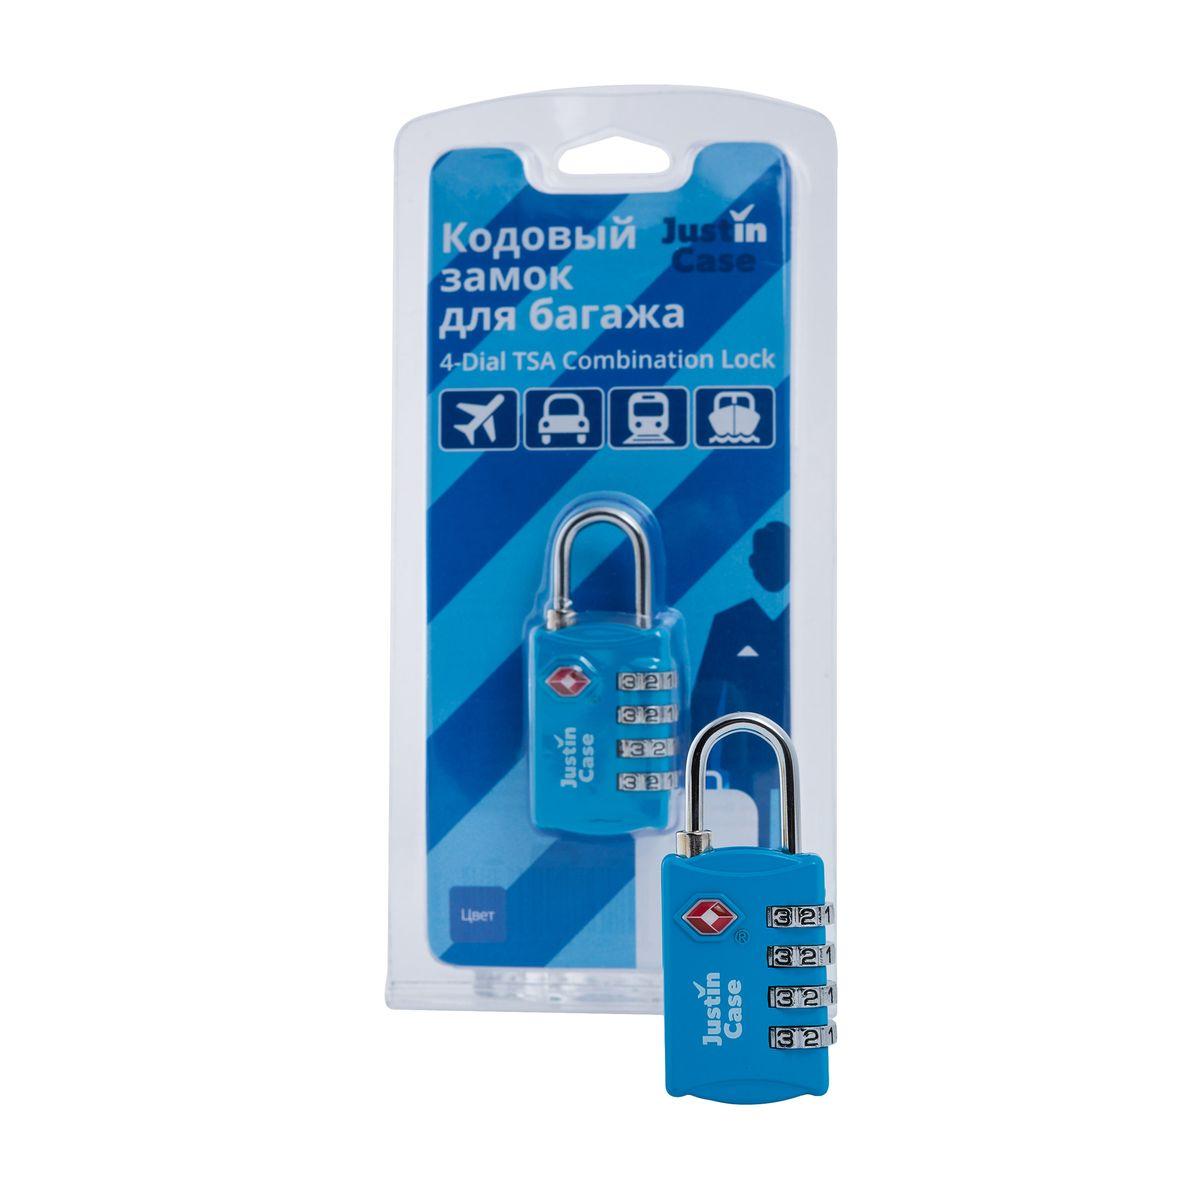 """Еще один вариант защиты багажа - компактный кодовый багажный замок. Кодовый замок JustinCase """"4-Dial TSA Combination Lock"""" отличается от обычного тем, что вы можете установить собственную, известную только вам комбинацию цифр, без которой кодовый замок для багажа просто не откроется. Замок этот очень прочен – изготовлен из цинкового сплава. Если в вашем багаже есть хоть одна ценная вещь, такой замок позволит вам спокойно сдавать чемоданы и сумки багажным службам."""